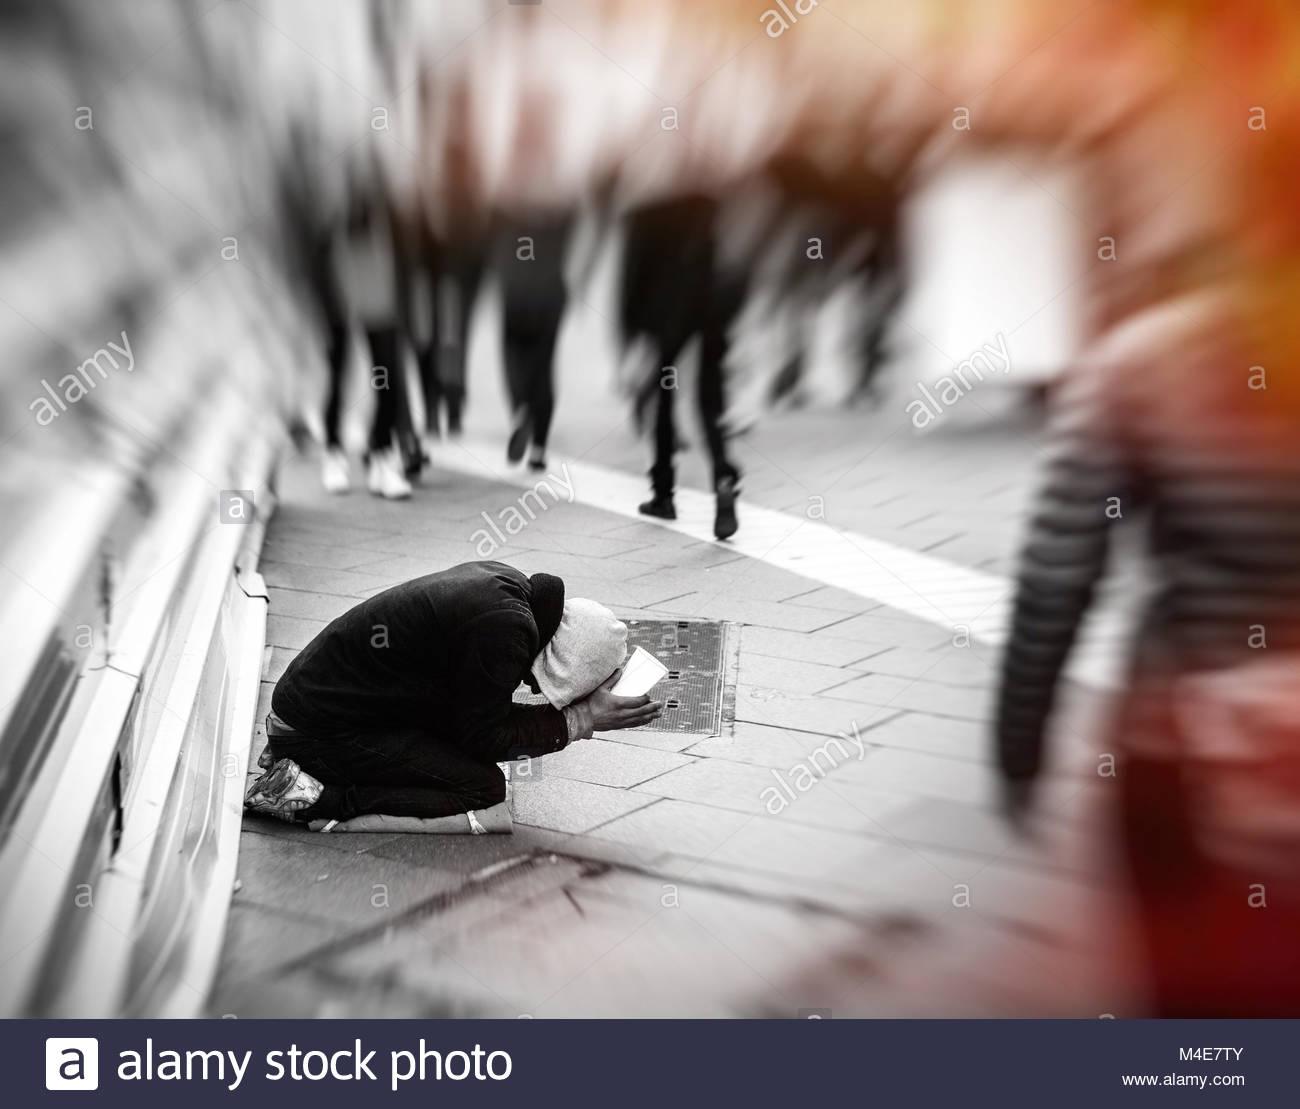 Beggar Life Stock Photos Amp Beggar Life Stock Images Alamy